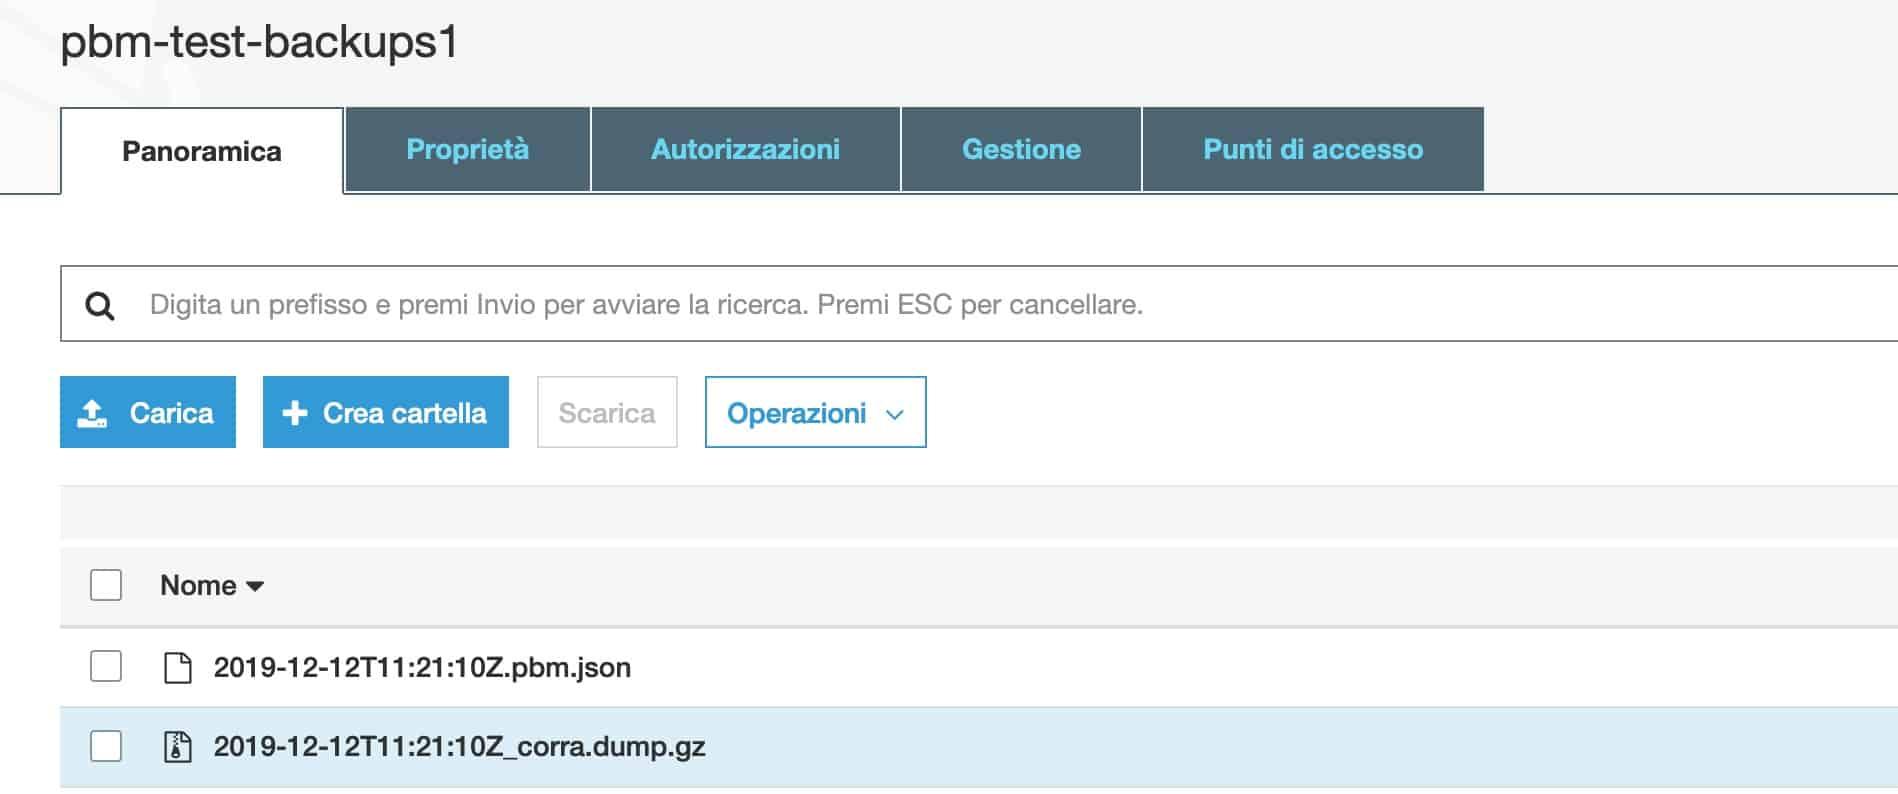 Percona Backup for MongoDB